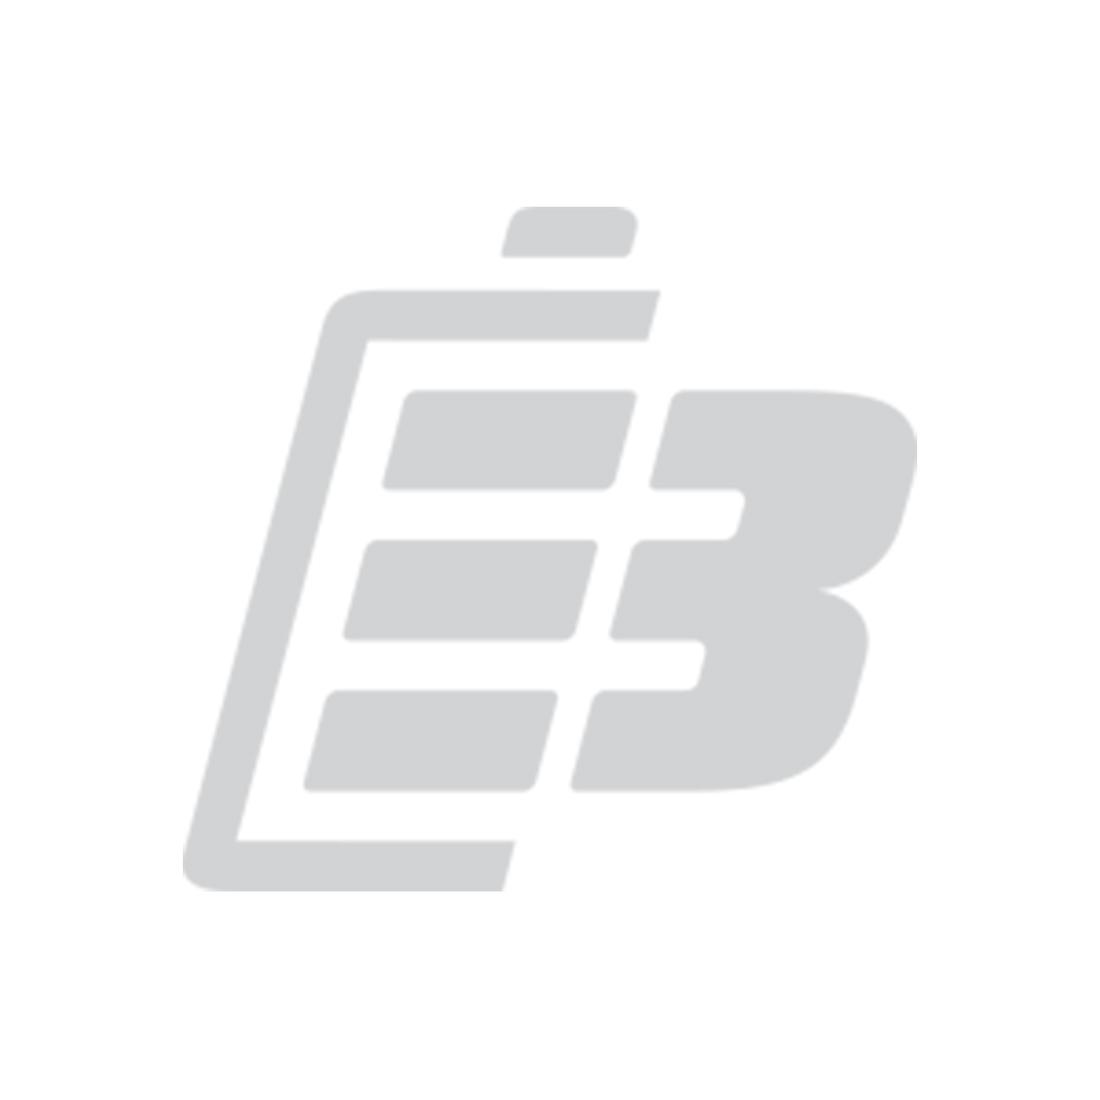 Μπαταρία βιντεοκάμερας Aiptek Pocket DV Z300HD_1